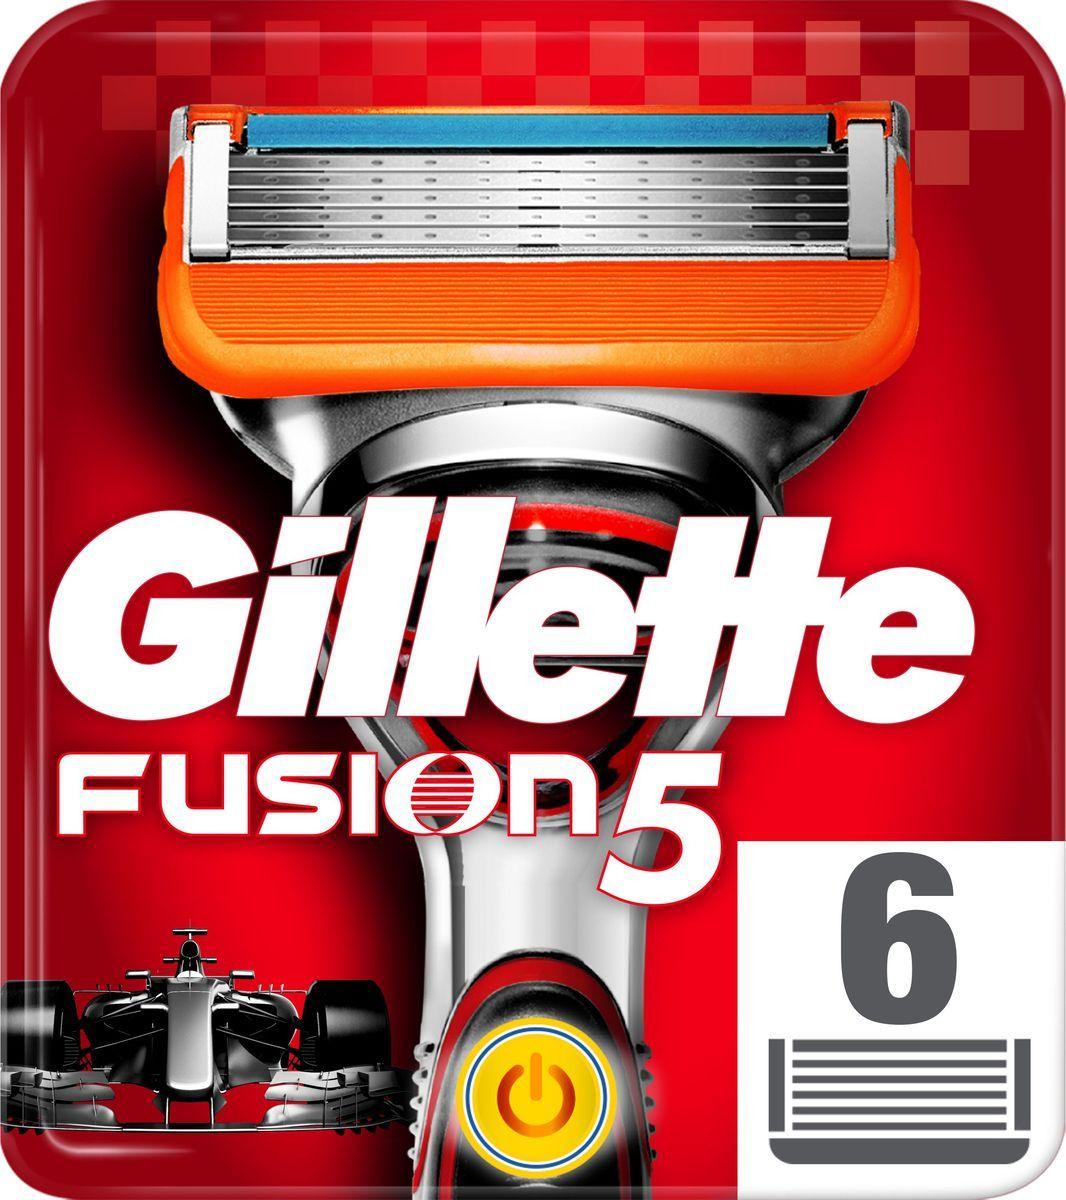 Сменные кассеты для бритв Gillette Fusion Power 6 шт Сменные лезвия сменные кассеты для бритья gillette fusion power 4шт [81372246]